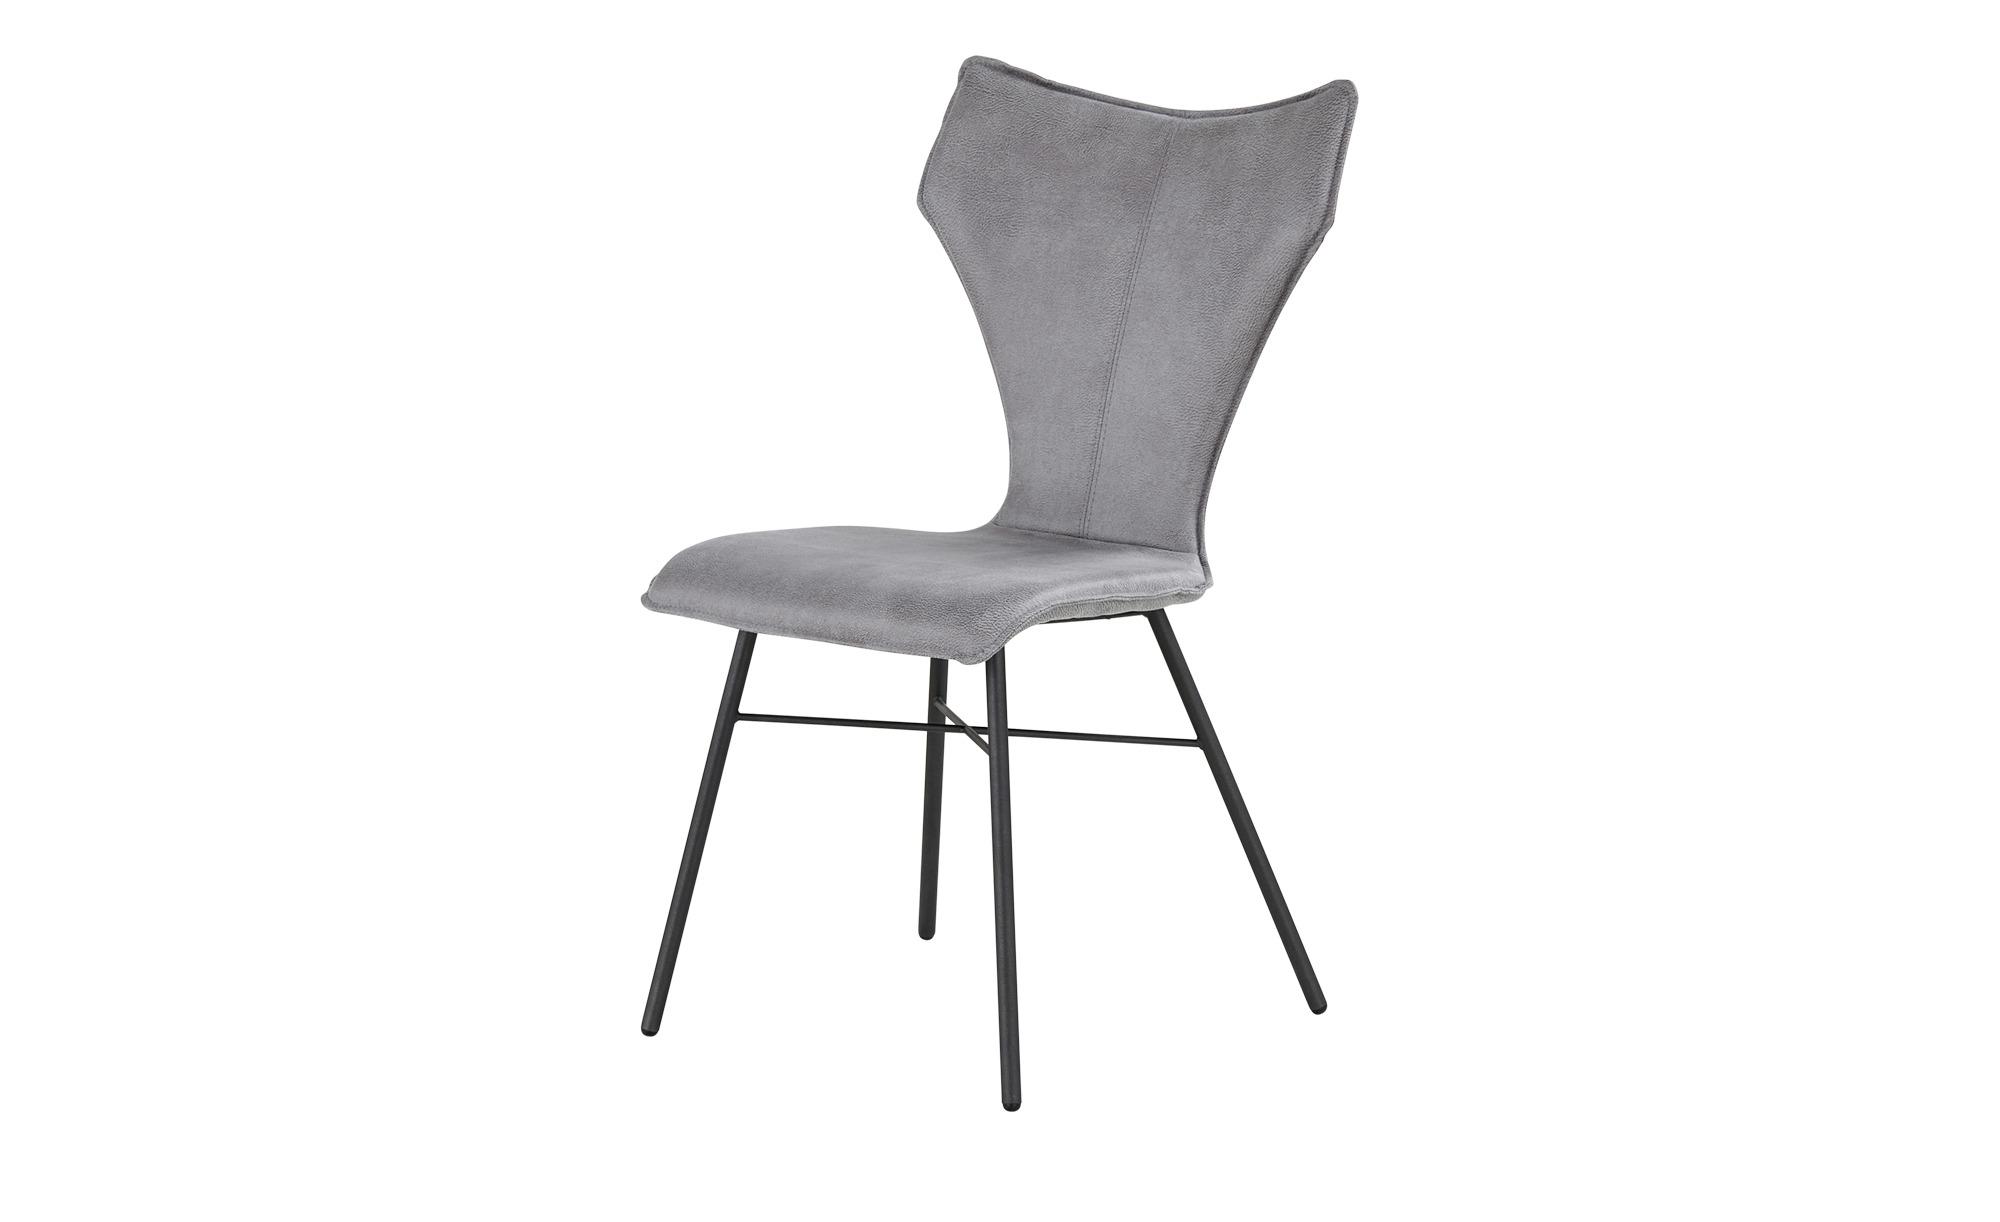 Stuhl  Seka ¦ Maße (cm): B: 46 H: 90 T: 61 Stühle > Polsterstühle - Höffner | Küche und Esszimmer > Stühle und Hocker > Polsterstühle | Möbel Höffner DE